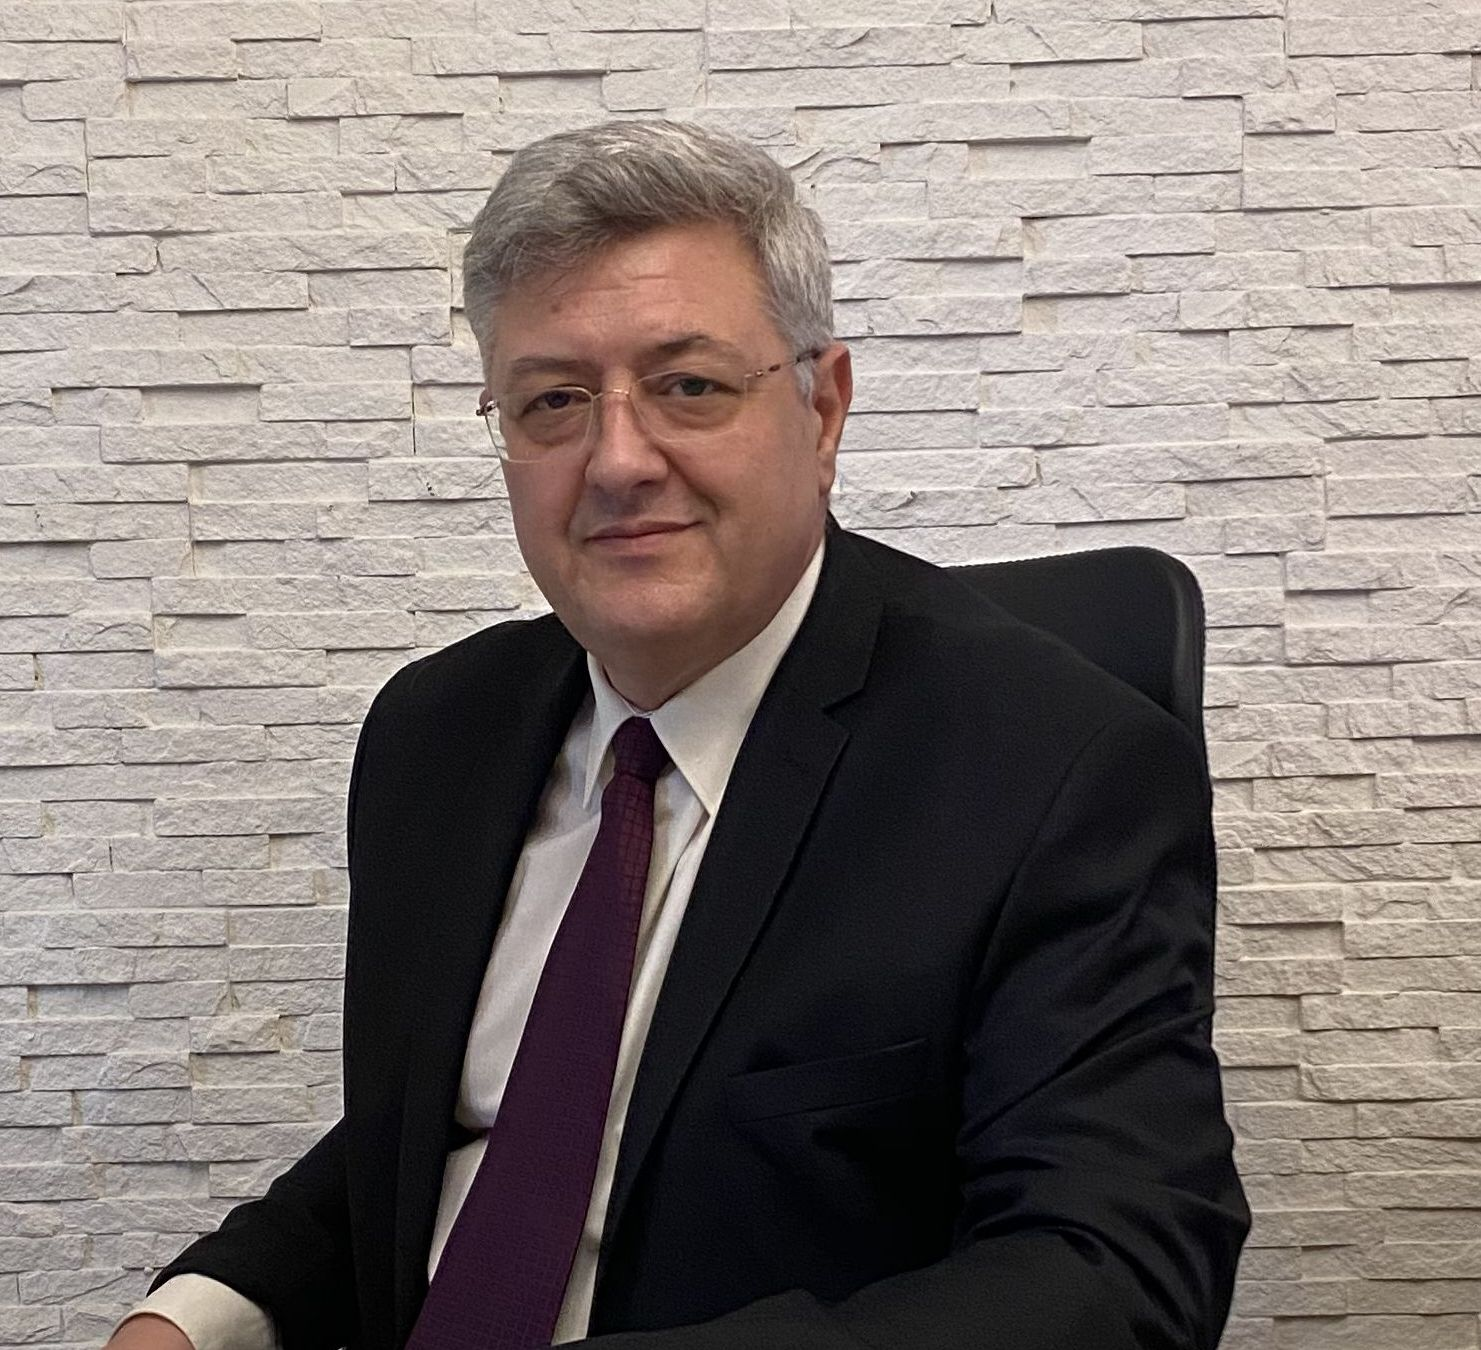 Доц. д-р Димитър Буланов дм